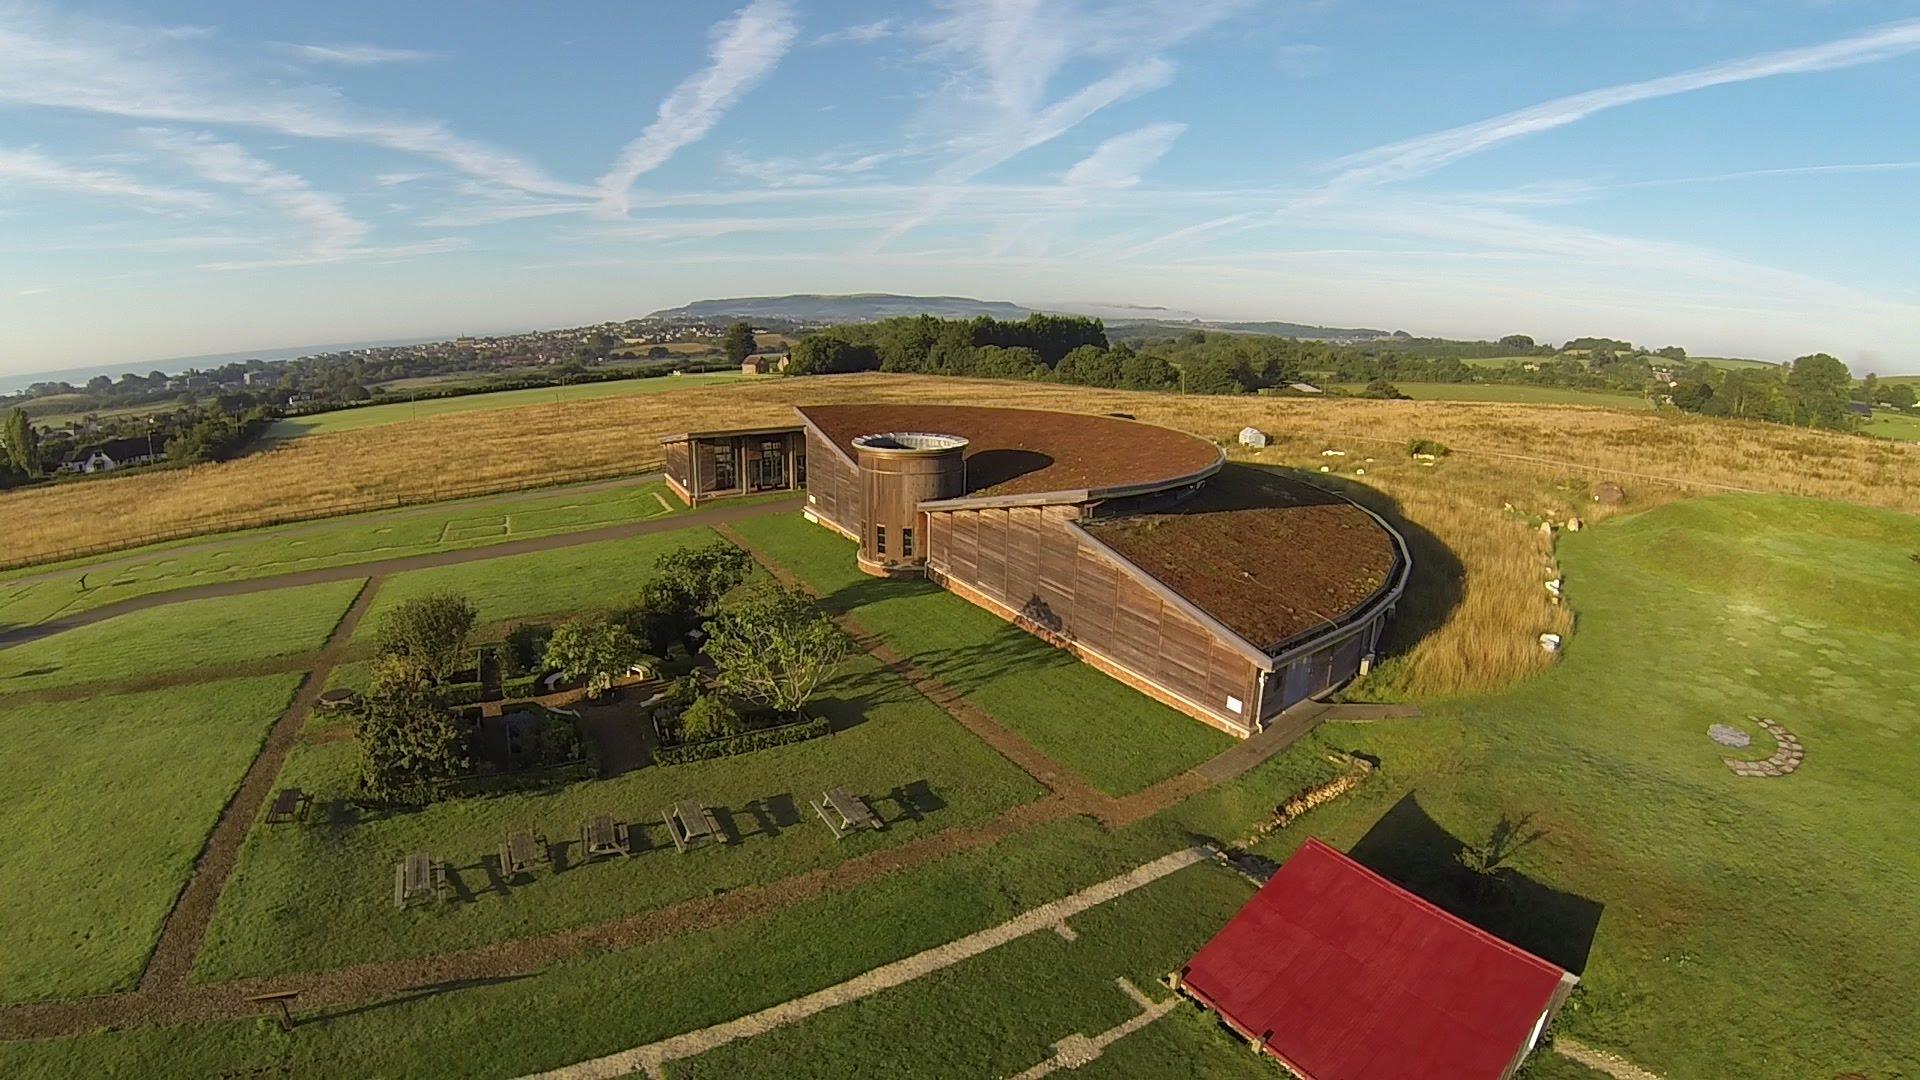 brading roman villa aerial